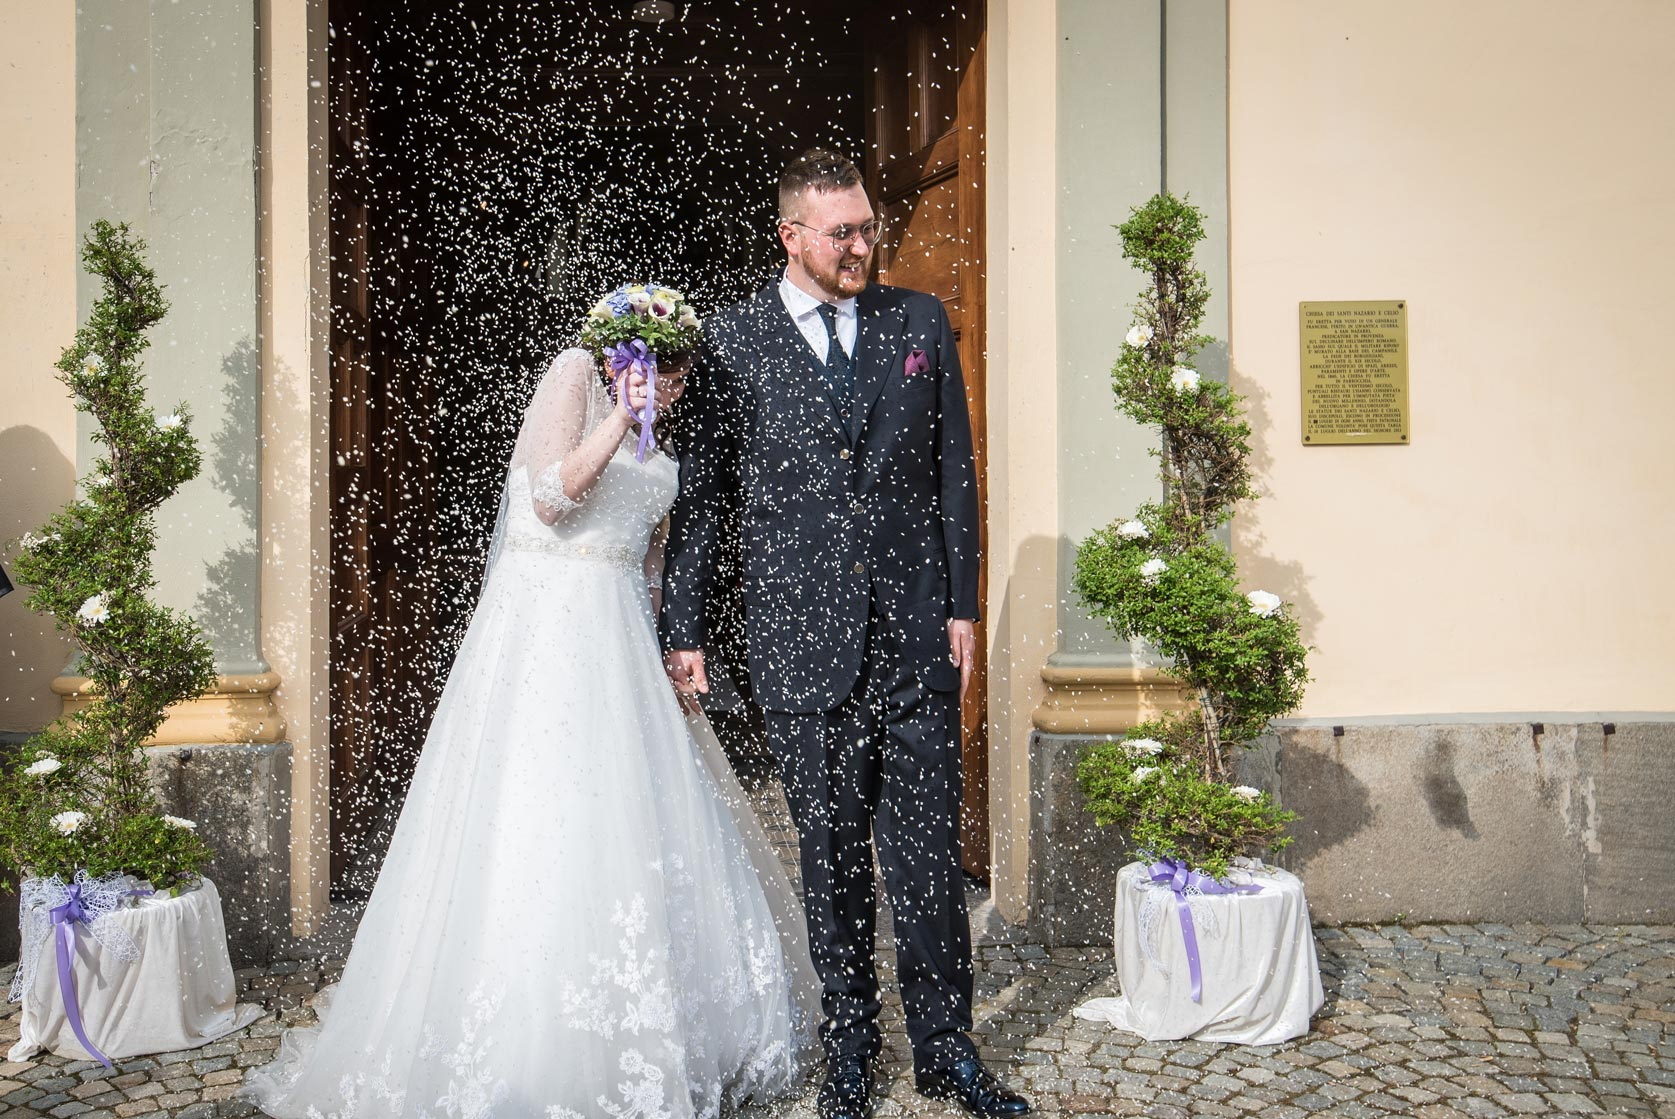 Matrimonio a Narzole Lorenza Diego - DSC 0598 - Fotografie matrimonio riso uscita dalla chiesa - Fotografie matrimonio riso uscita dalla chiesa